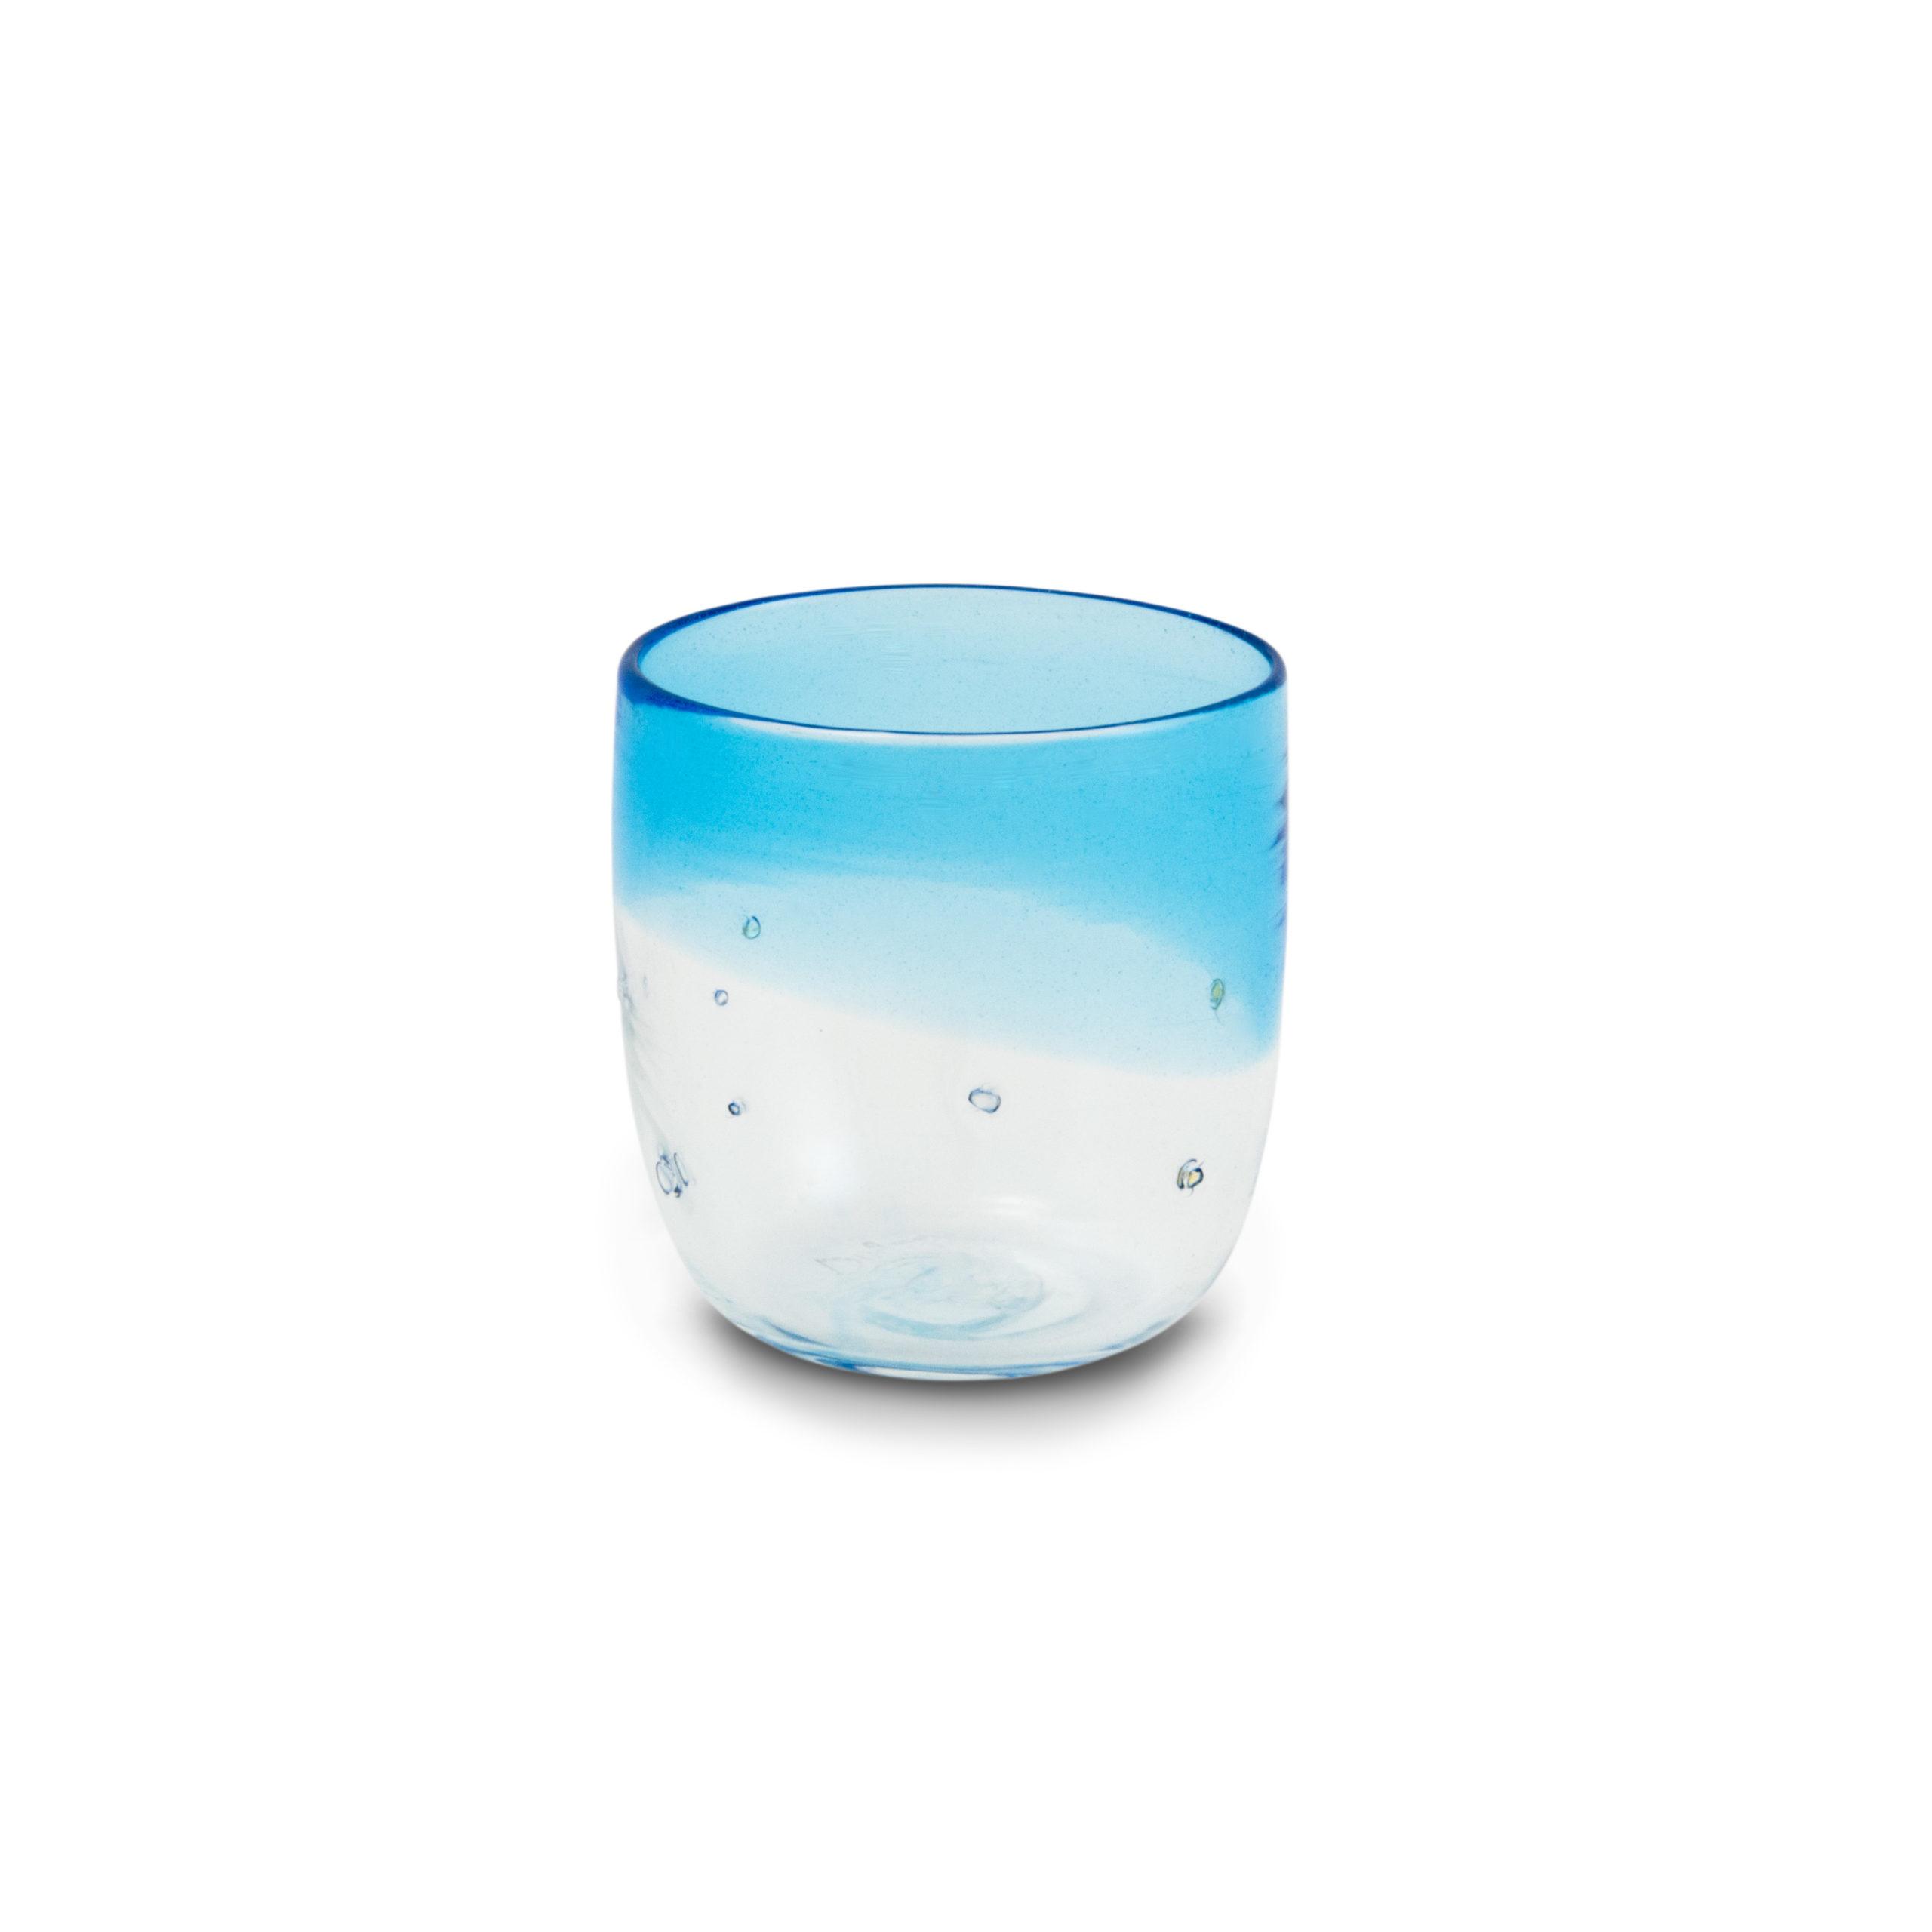 Bicchiere in vetro soffiato azzurro con pepite d'argento